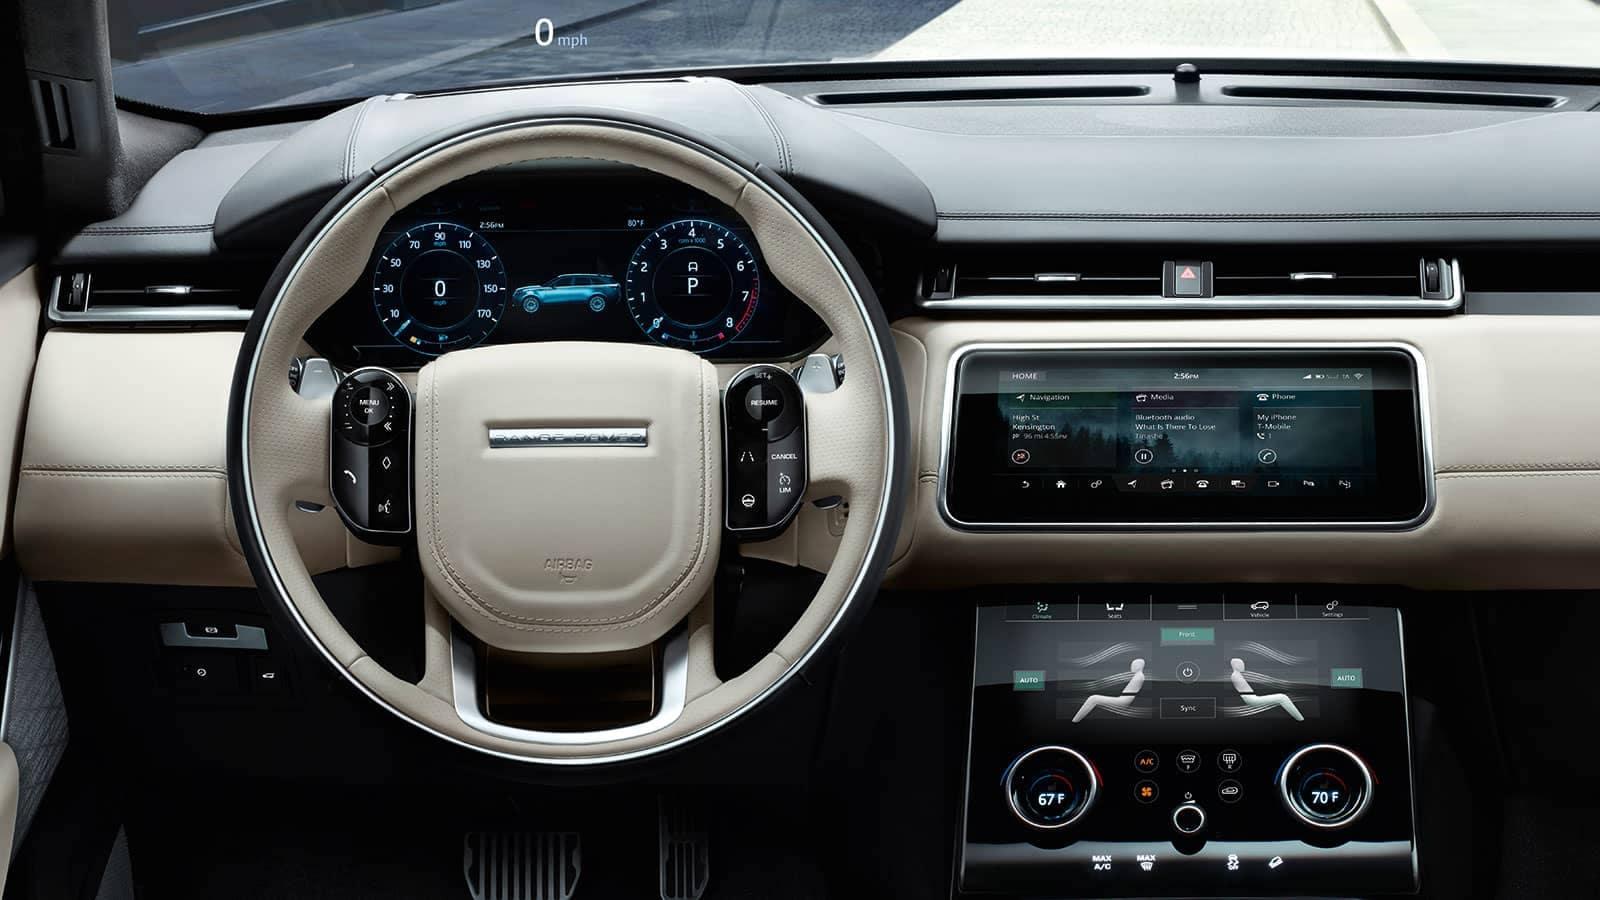 2019 Land Rover Range Rover Velar Interior Dashboard